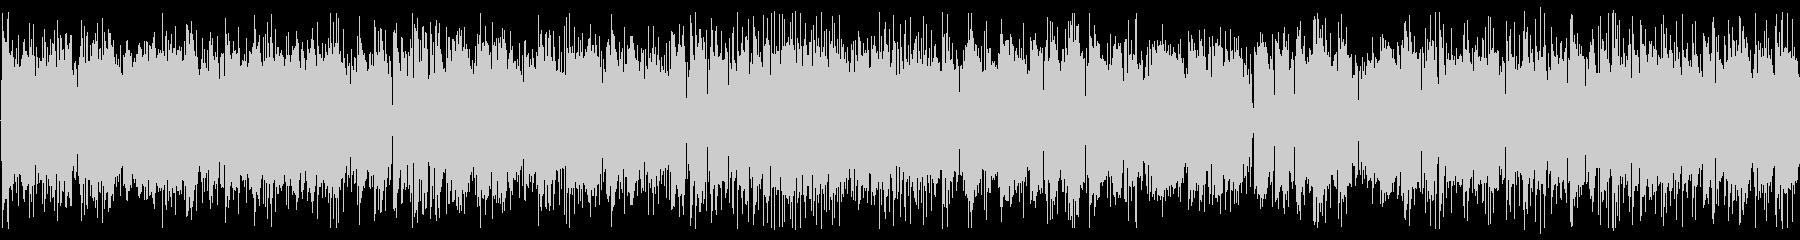 「交響曲第40番 」アシッドジャズの未再生の波形